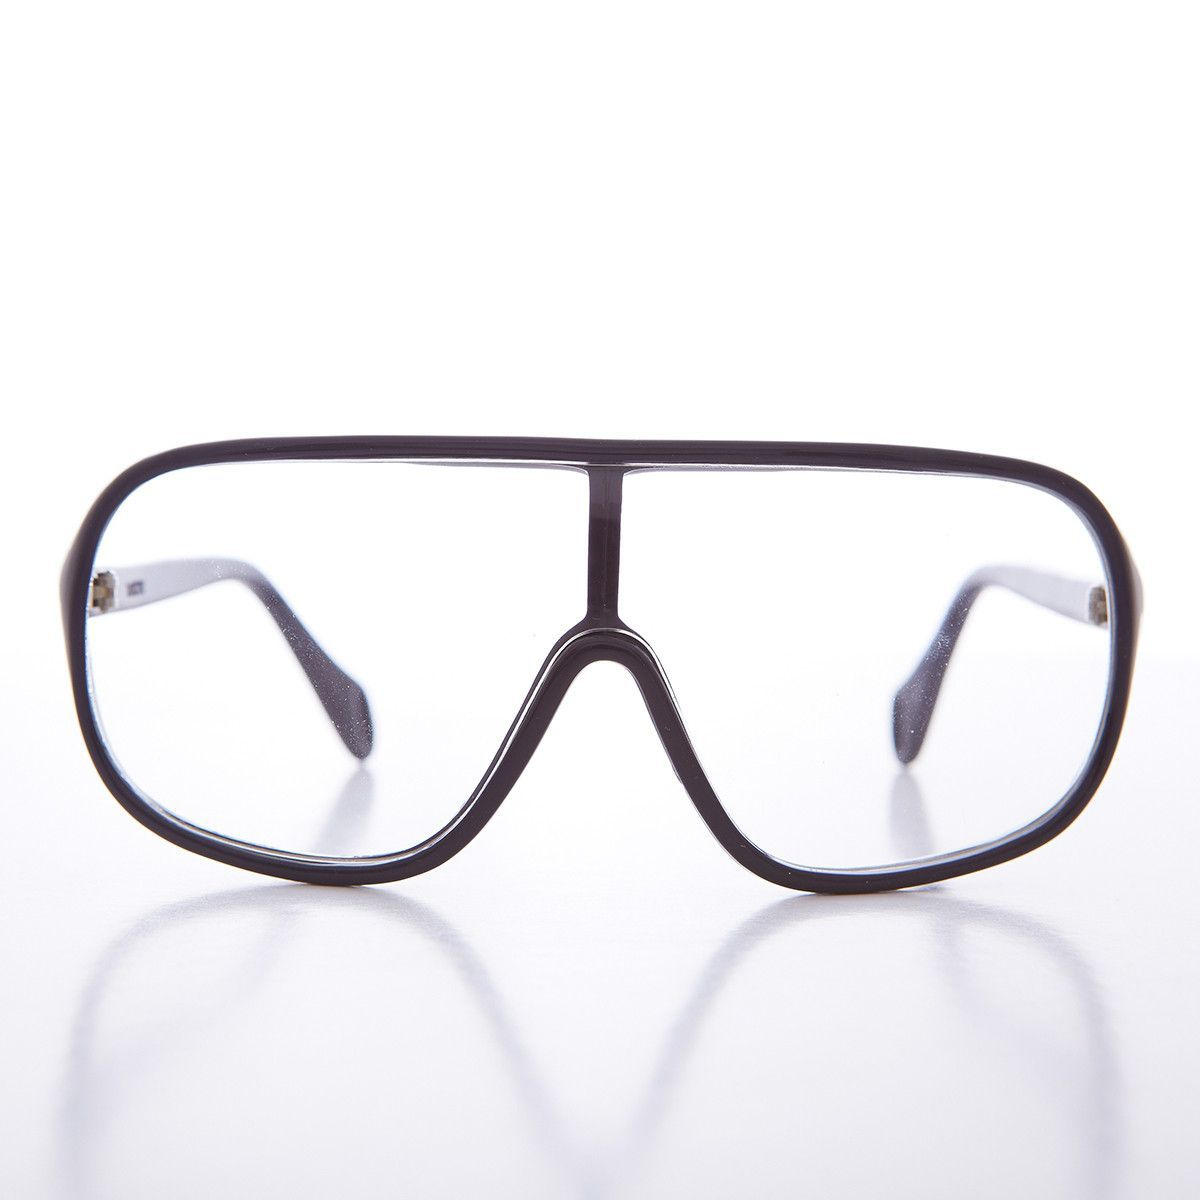 82600a73670b Hip-Hop Wrap 1990s Vintage Safety Clear Lens Glasses NOS-ZION ...